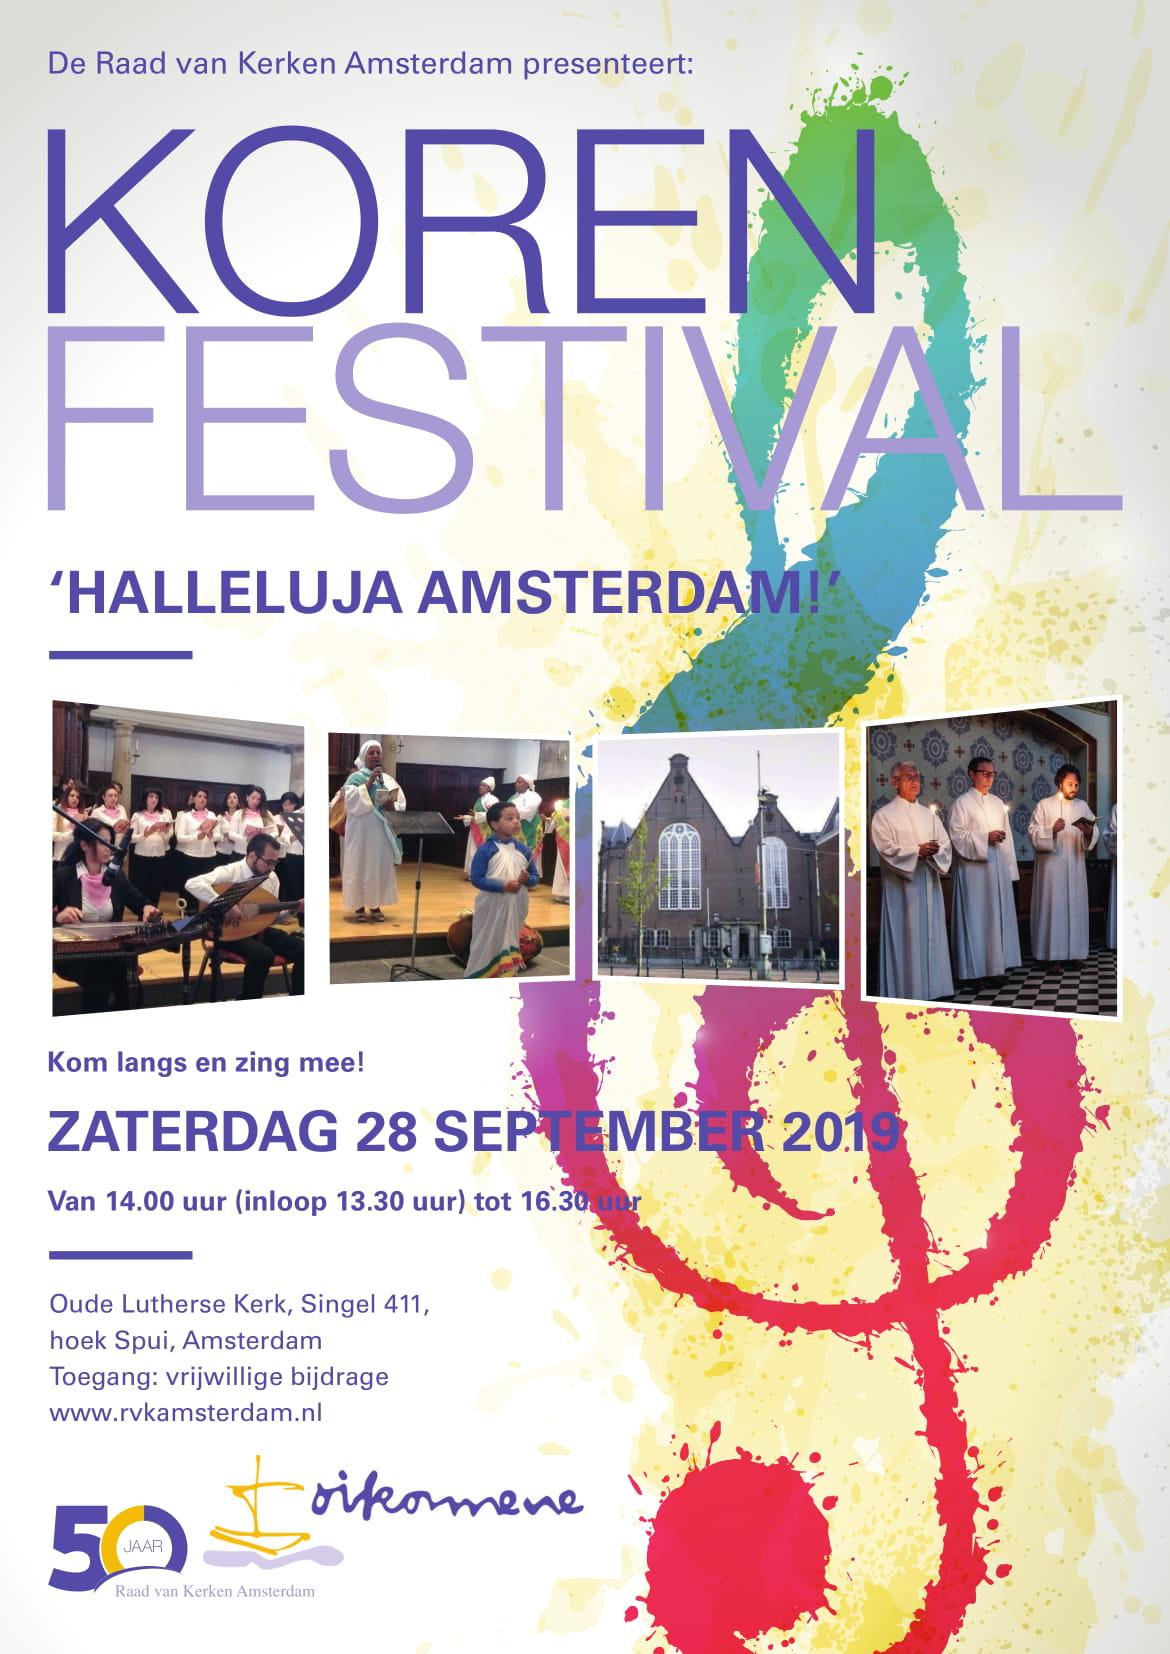 Raad van Kerken Amsterdam viert culturele diversiteit met korenfestival